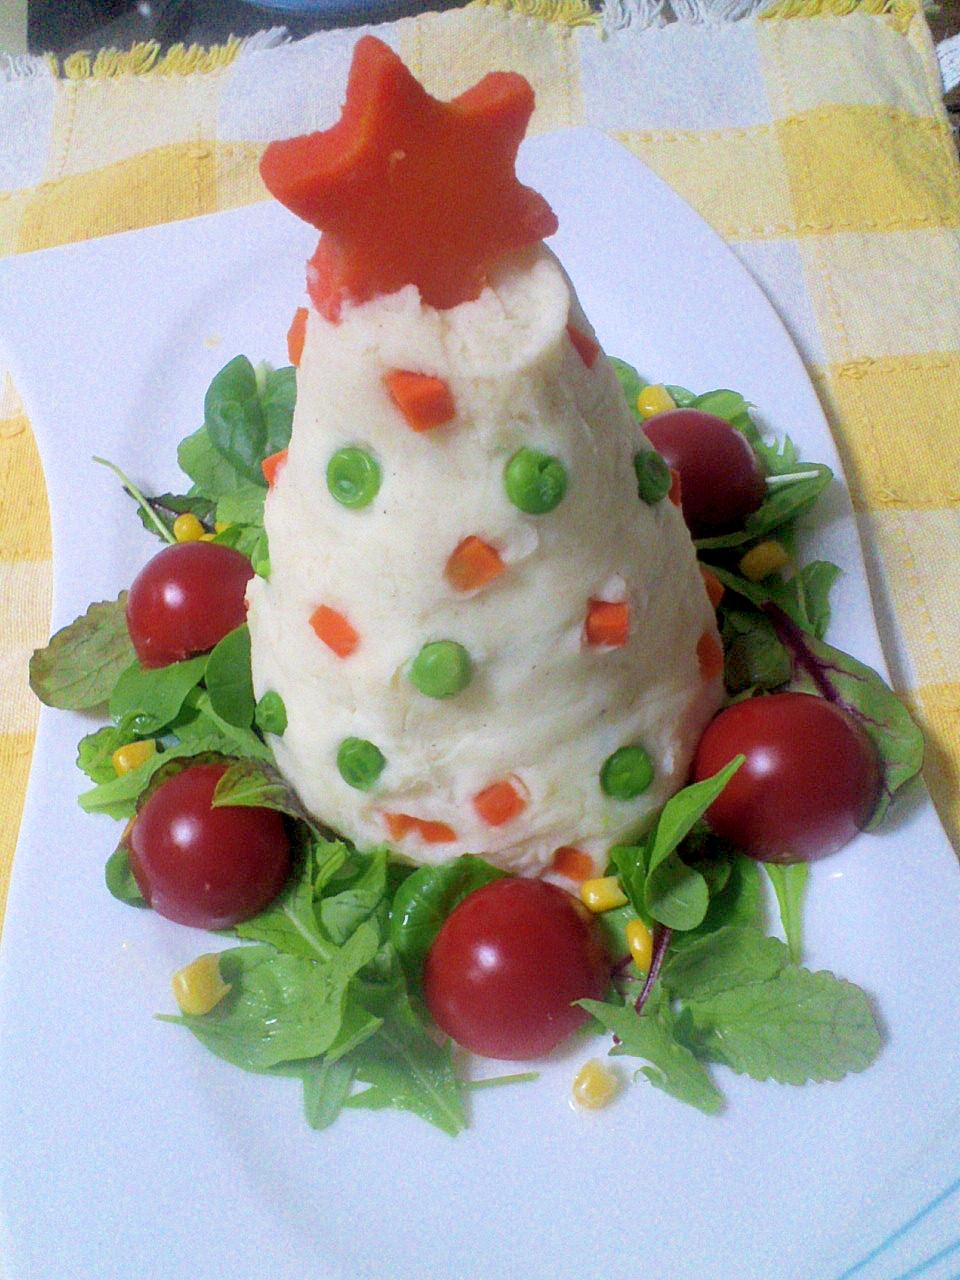 パーティーに☆ポテトサラダツリー